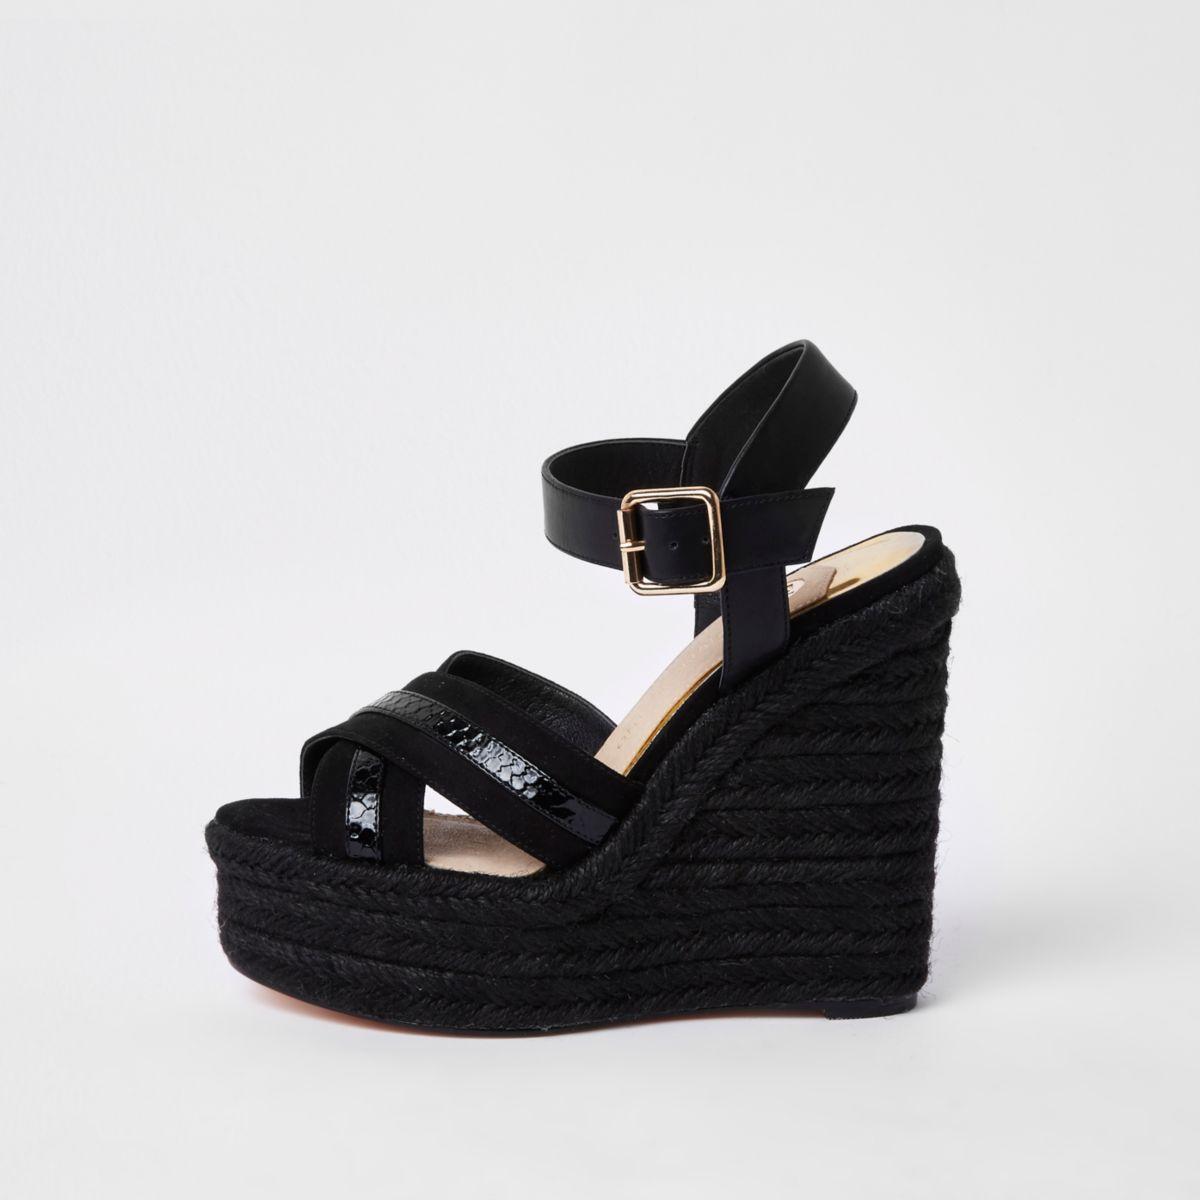 Chaussures Île De Rivière Noire En Coin Taille 37 Avec Boucle Pour Femmes gL0TRD